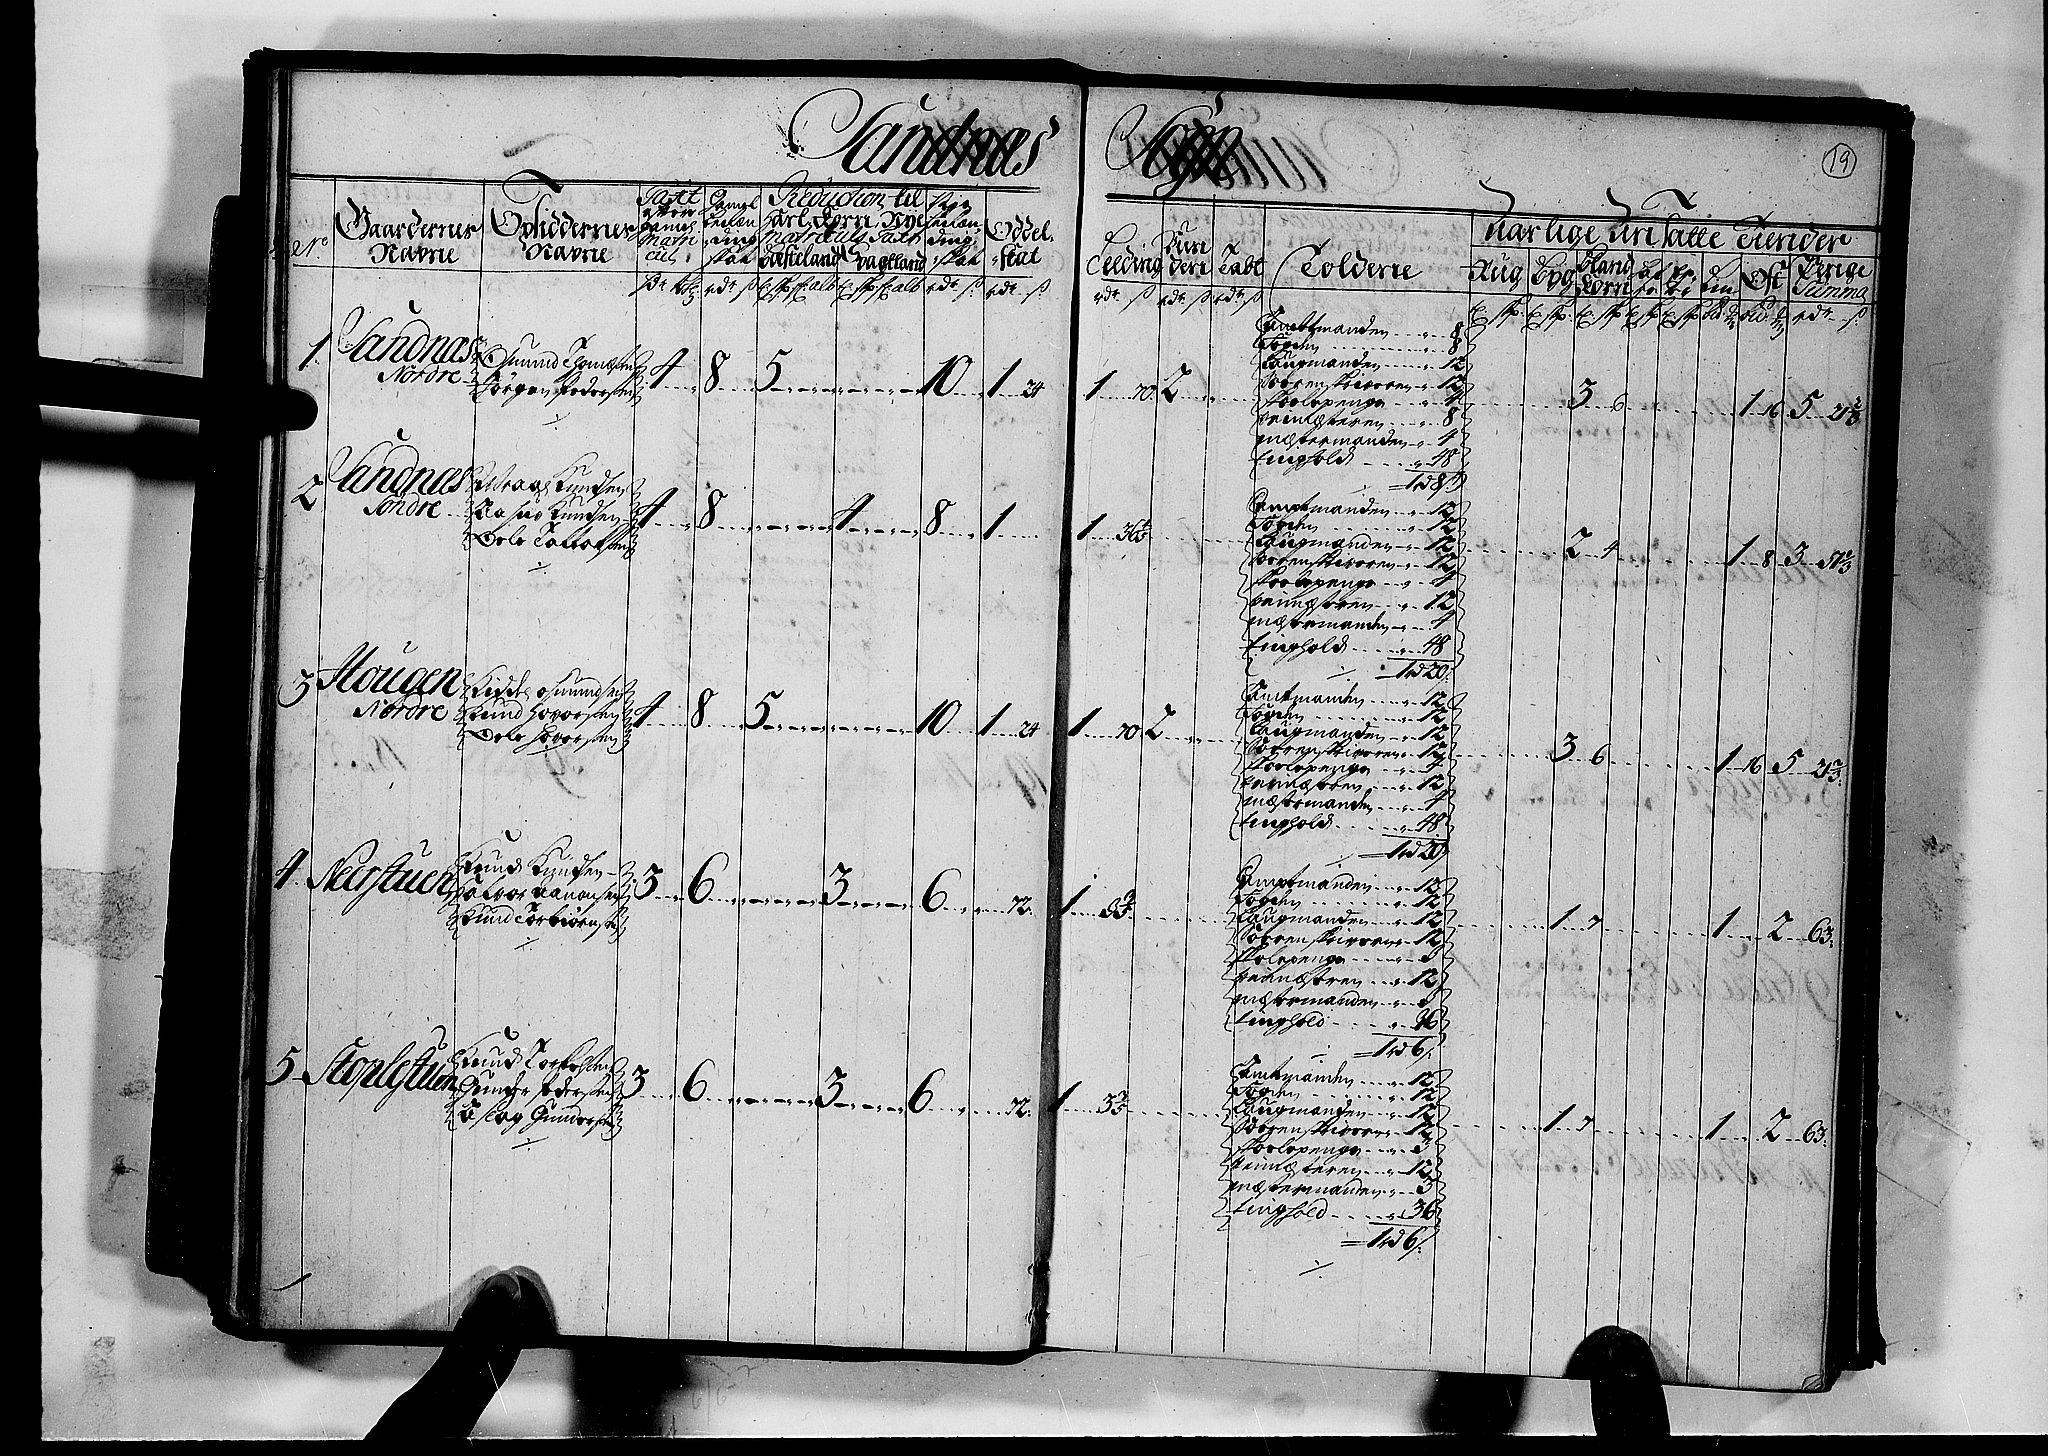 RA, Rentekammeret inntil 1814, Realistisk ordnet avdeling, N/Nb/Nbf/L0126: Råbyggelag matrikkelprotokoll, 1723, s. 18b-19a